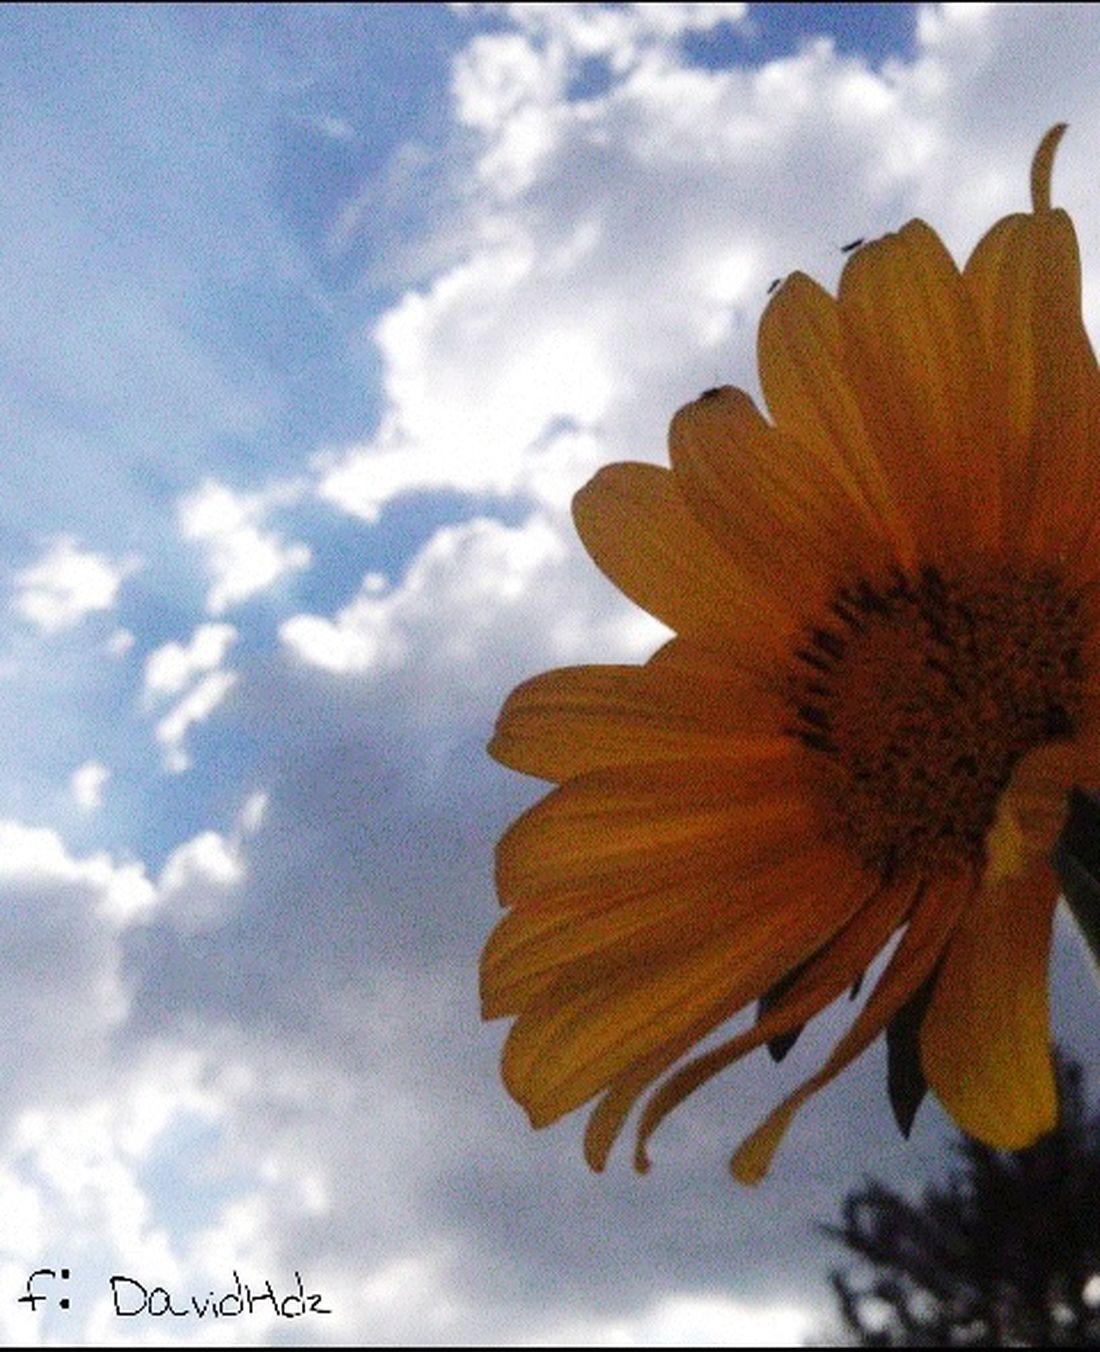 Con un poco de zoom pronto les comparto las otras fotos completas :) Urbano&naturaleza Flores Silvestre Lugares Insects  Amarillo Colors Cieloazul